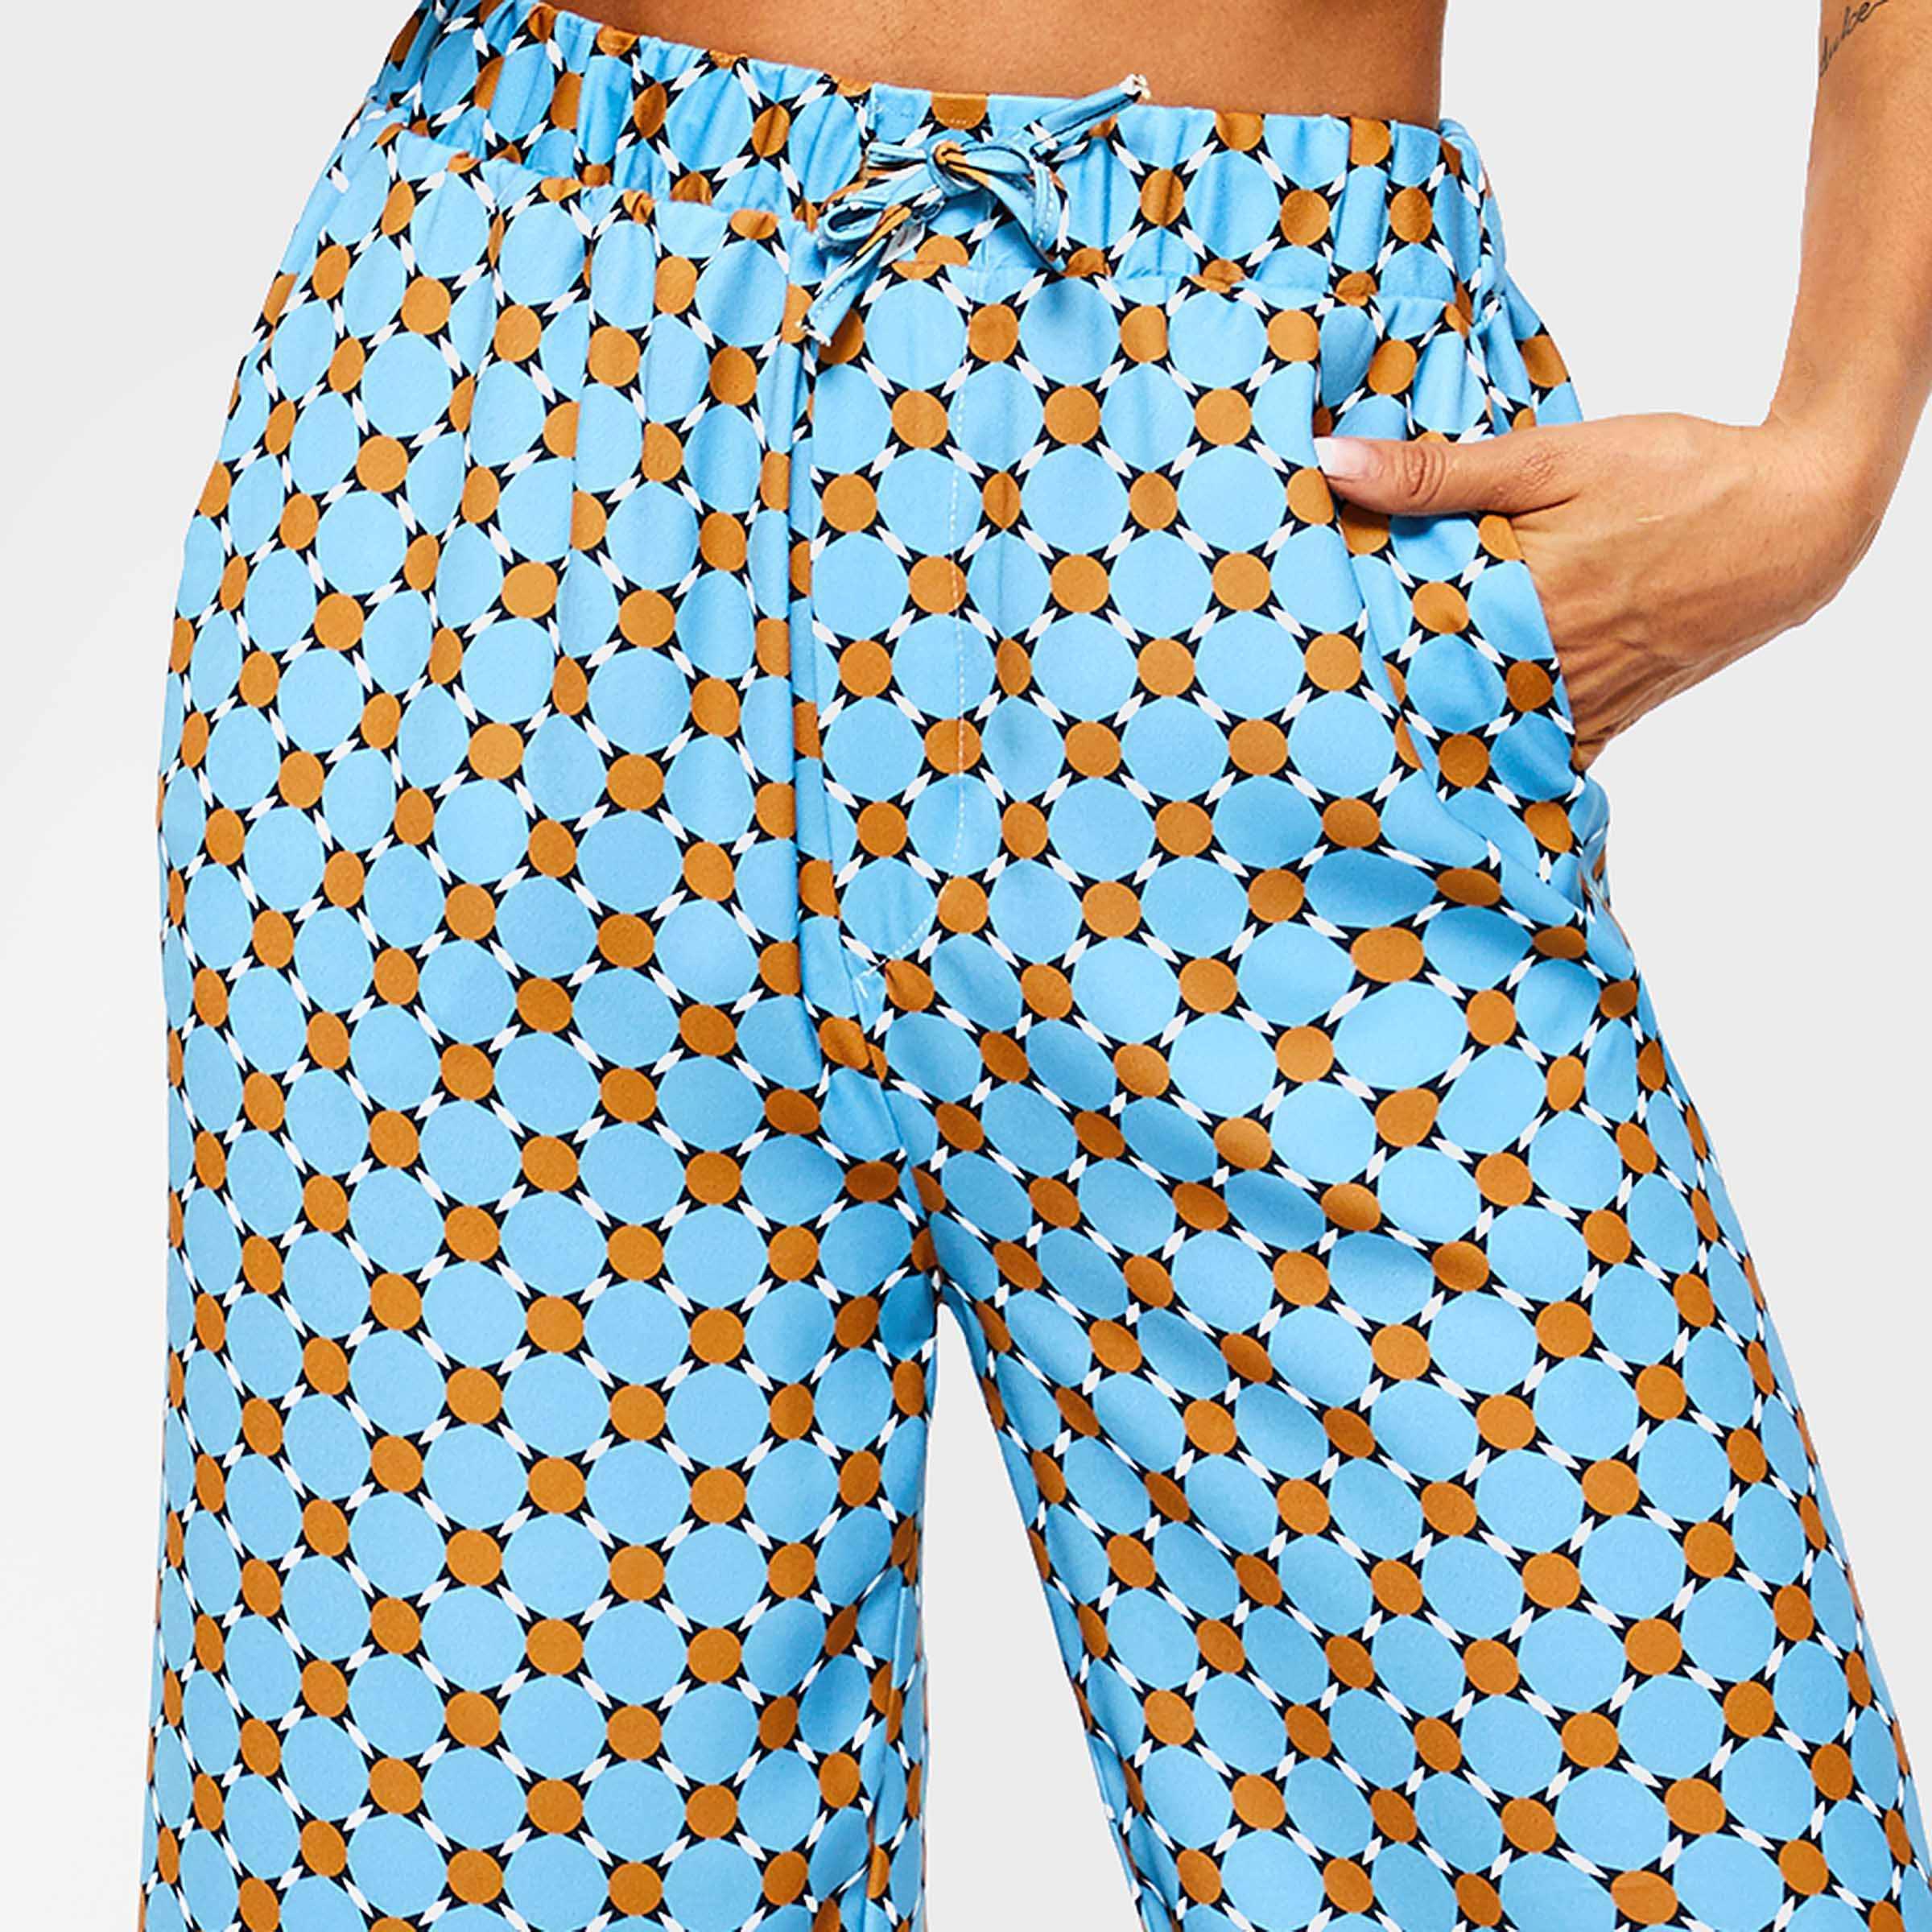 Wijde Pijpen Broek Vrouwen Lente Mode Print Straat Reizen Casual Broek Elegante Elastische Lace Up Losse Hoge Taille Broek Vrouwelijke